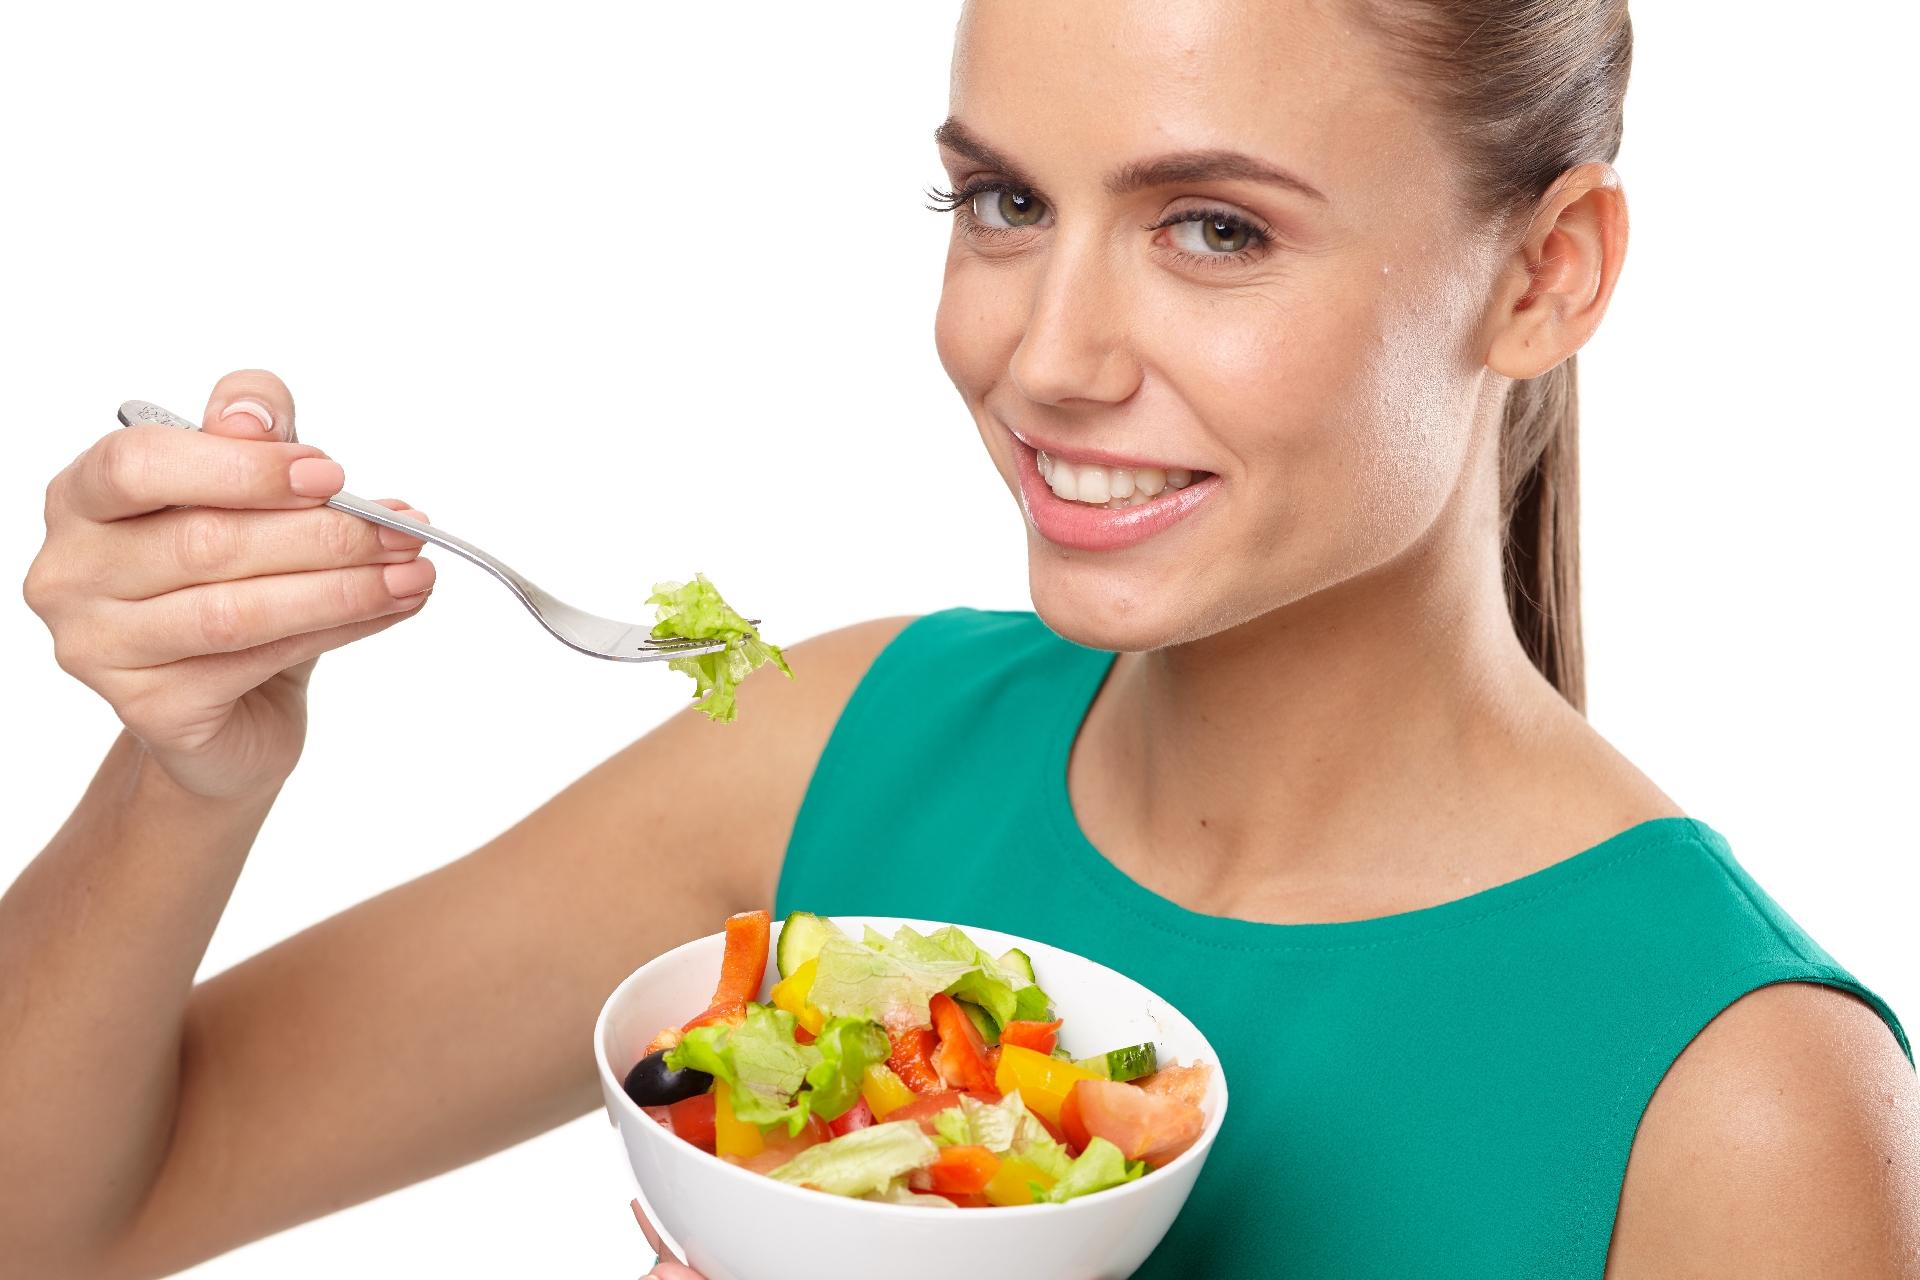 ダイエッター必見!低カロリーなのに腹持ちのいい食べ物5選